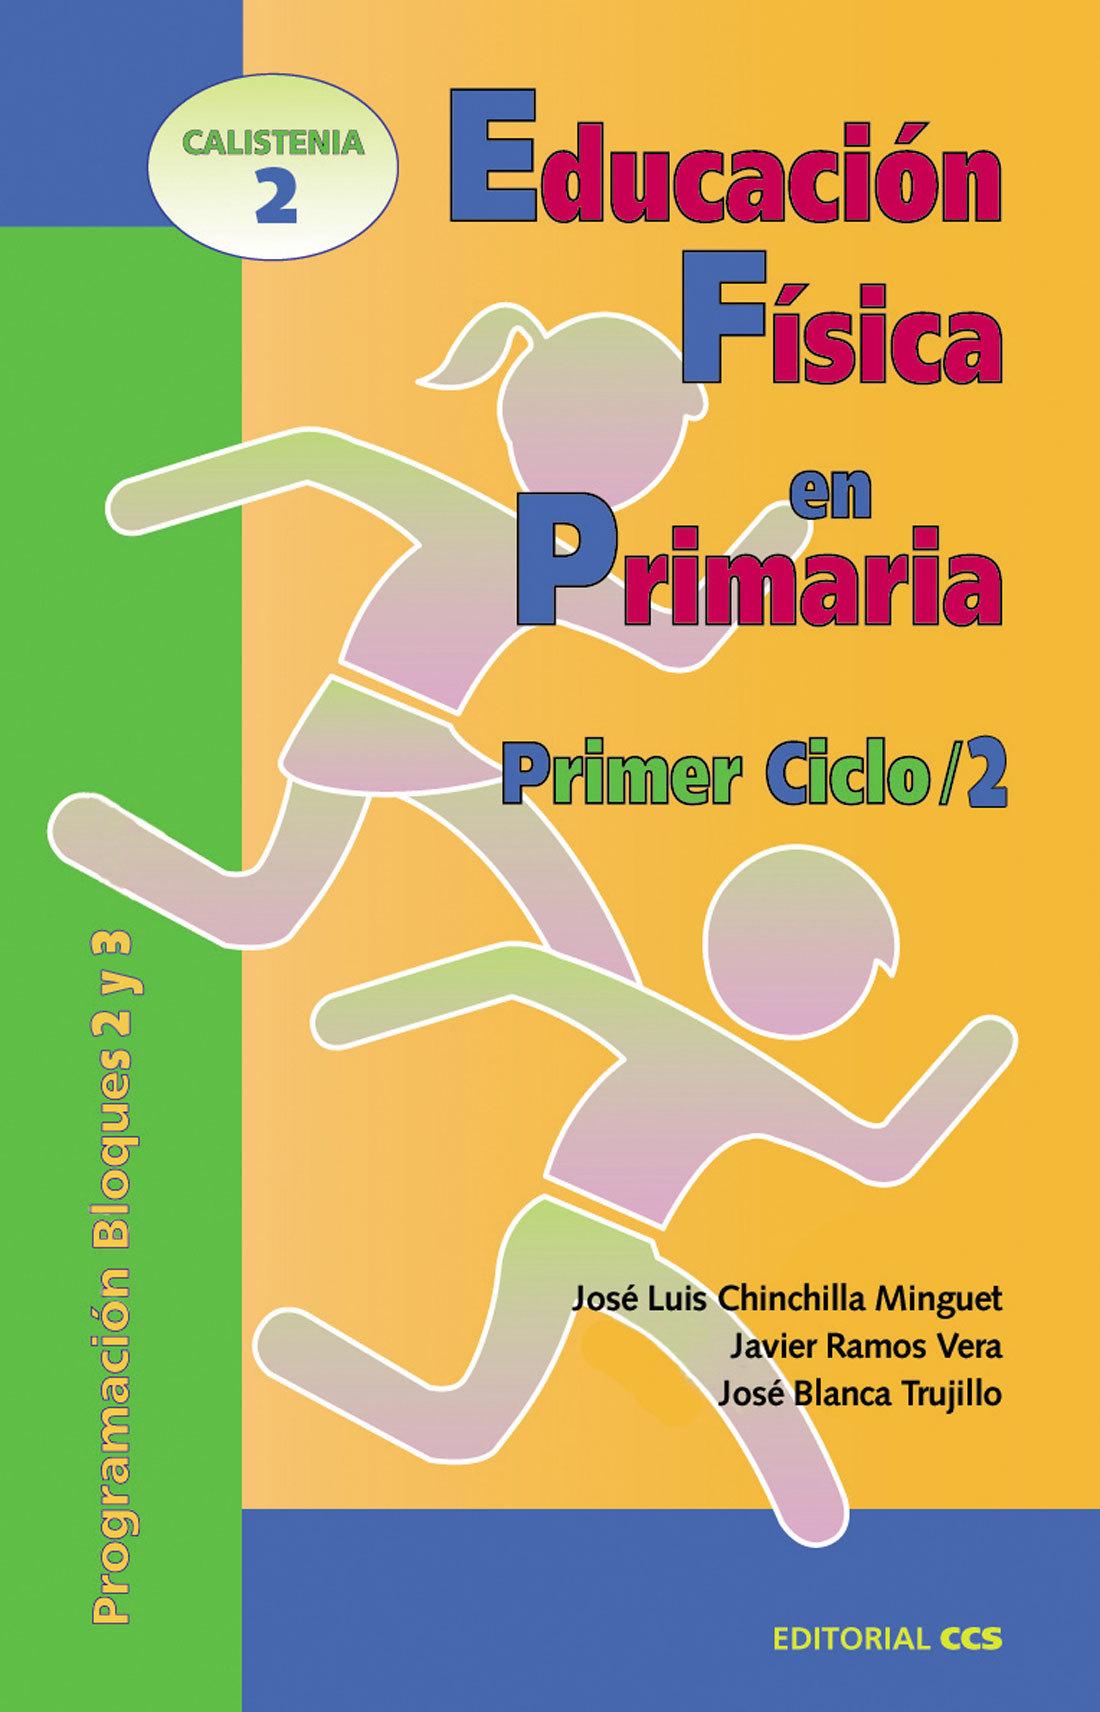 EDUCACION FISICA EN PRIMARIA. PRIMER CICLO 2